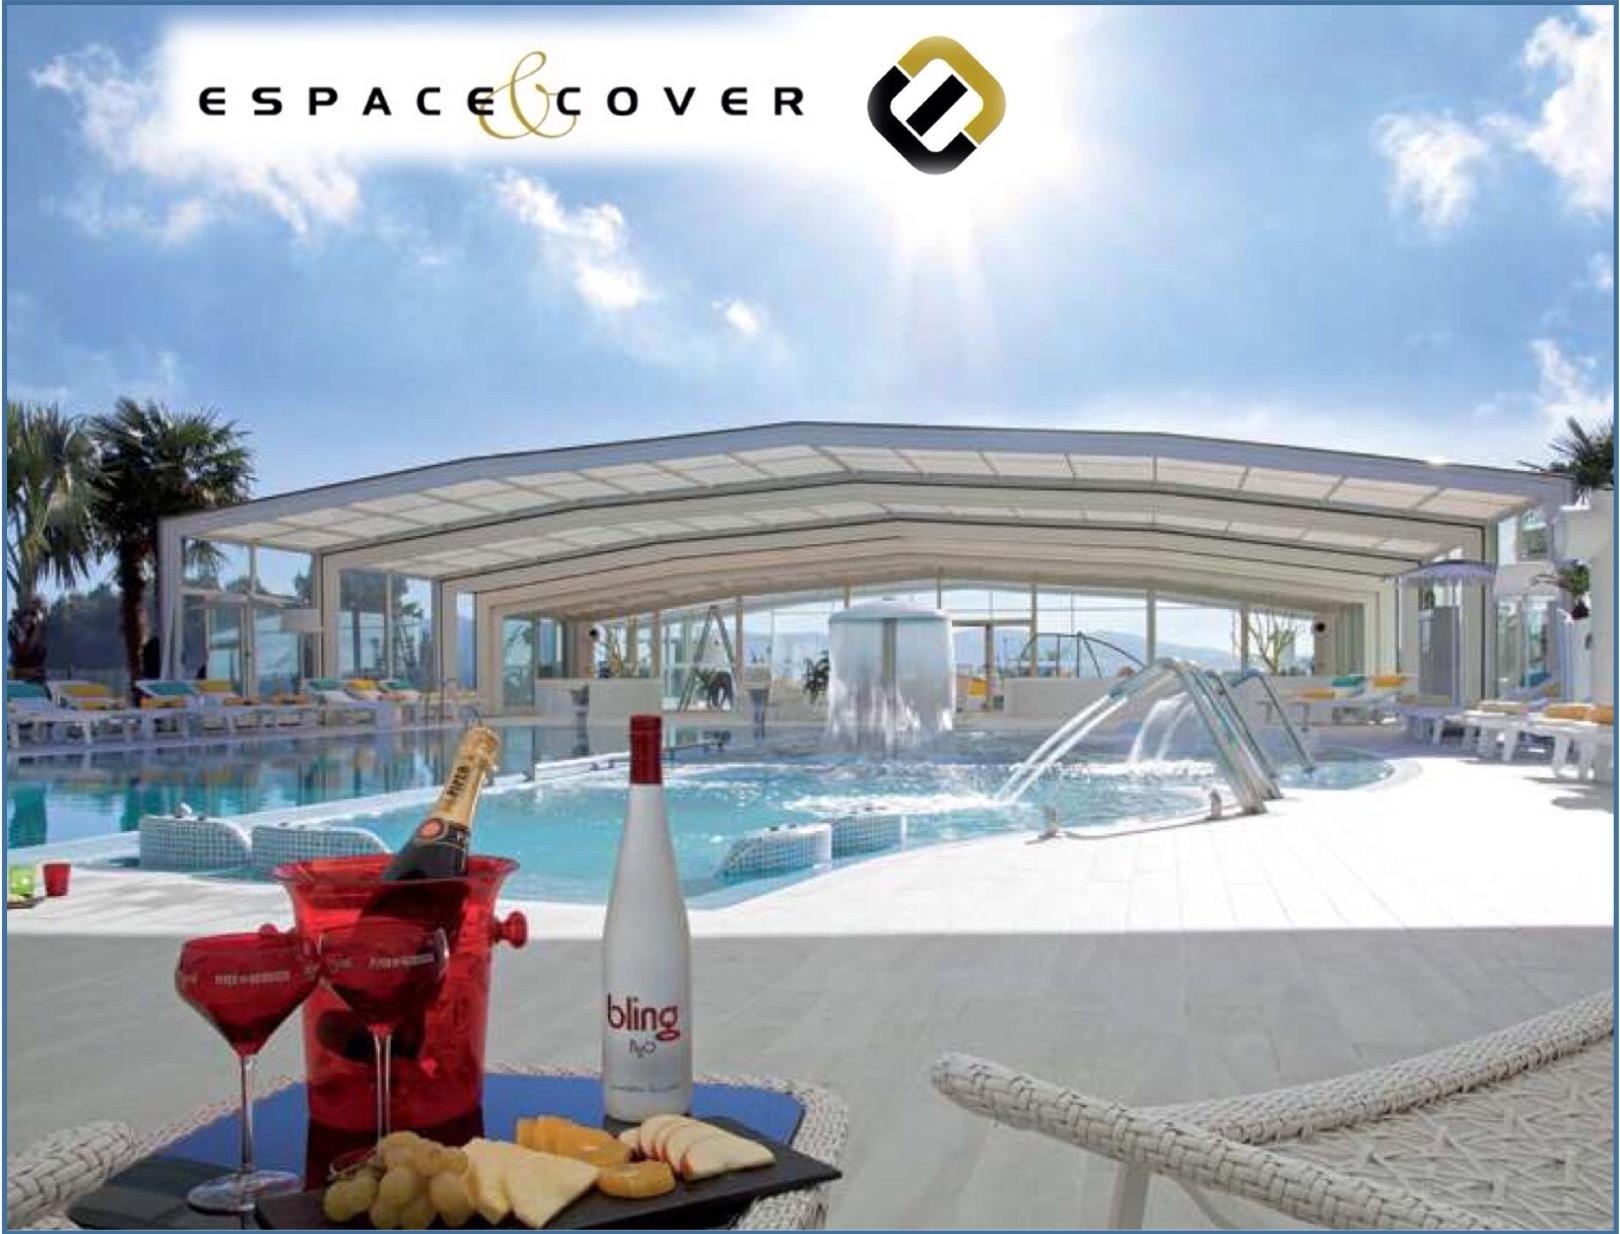 Maison jardin piscine sauna narbonne infobel france for Piscine narbonne